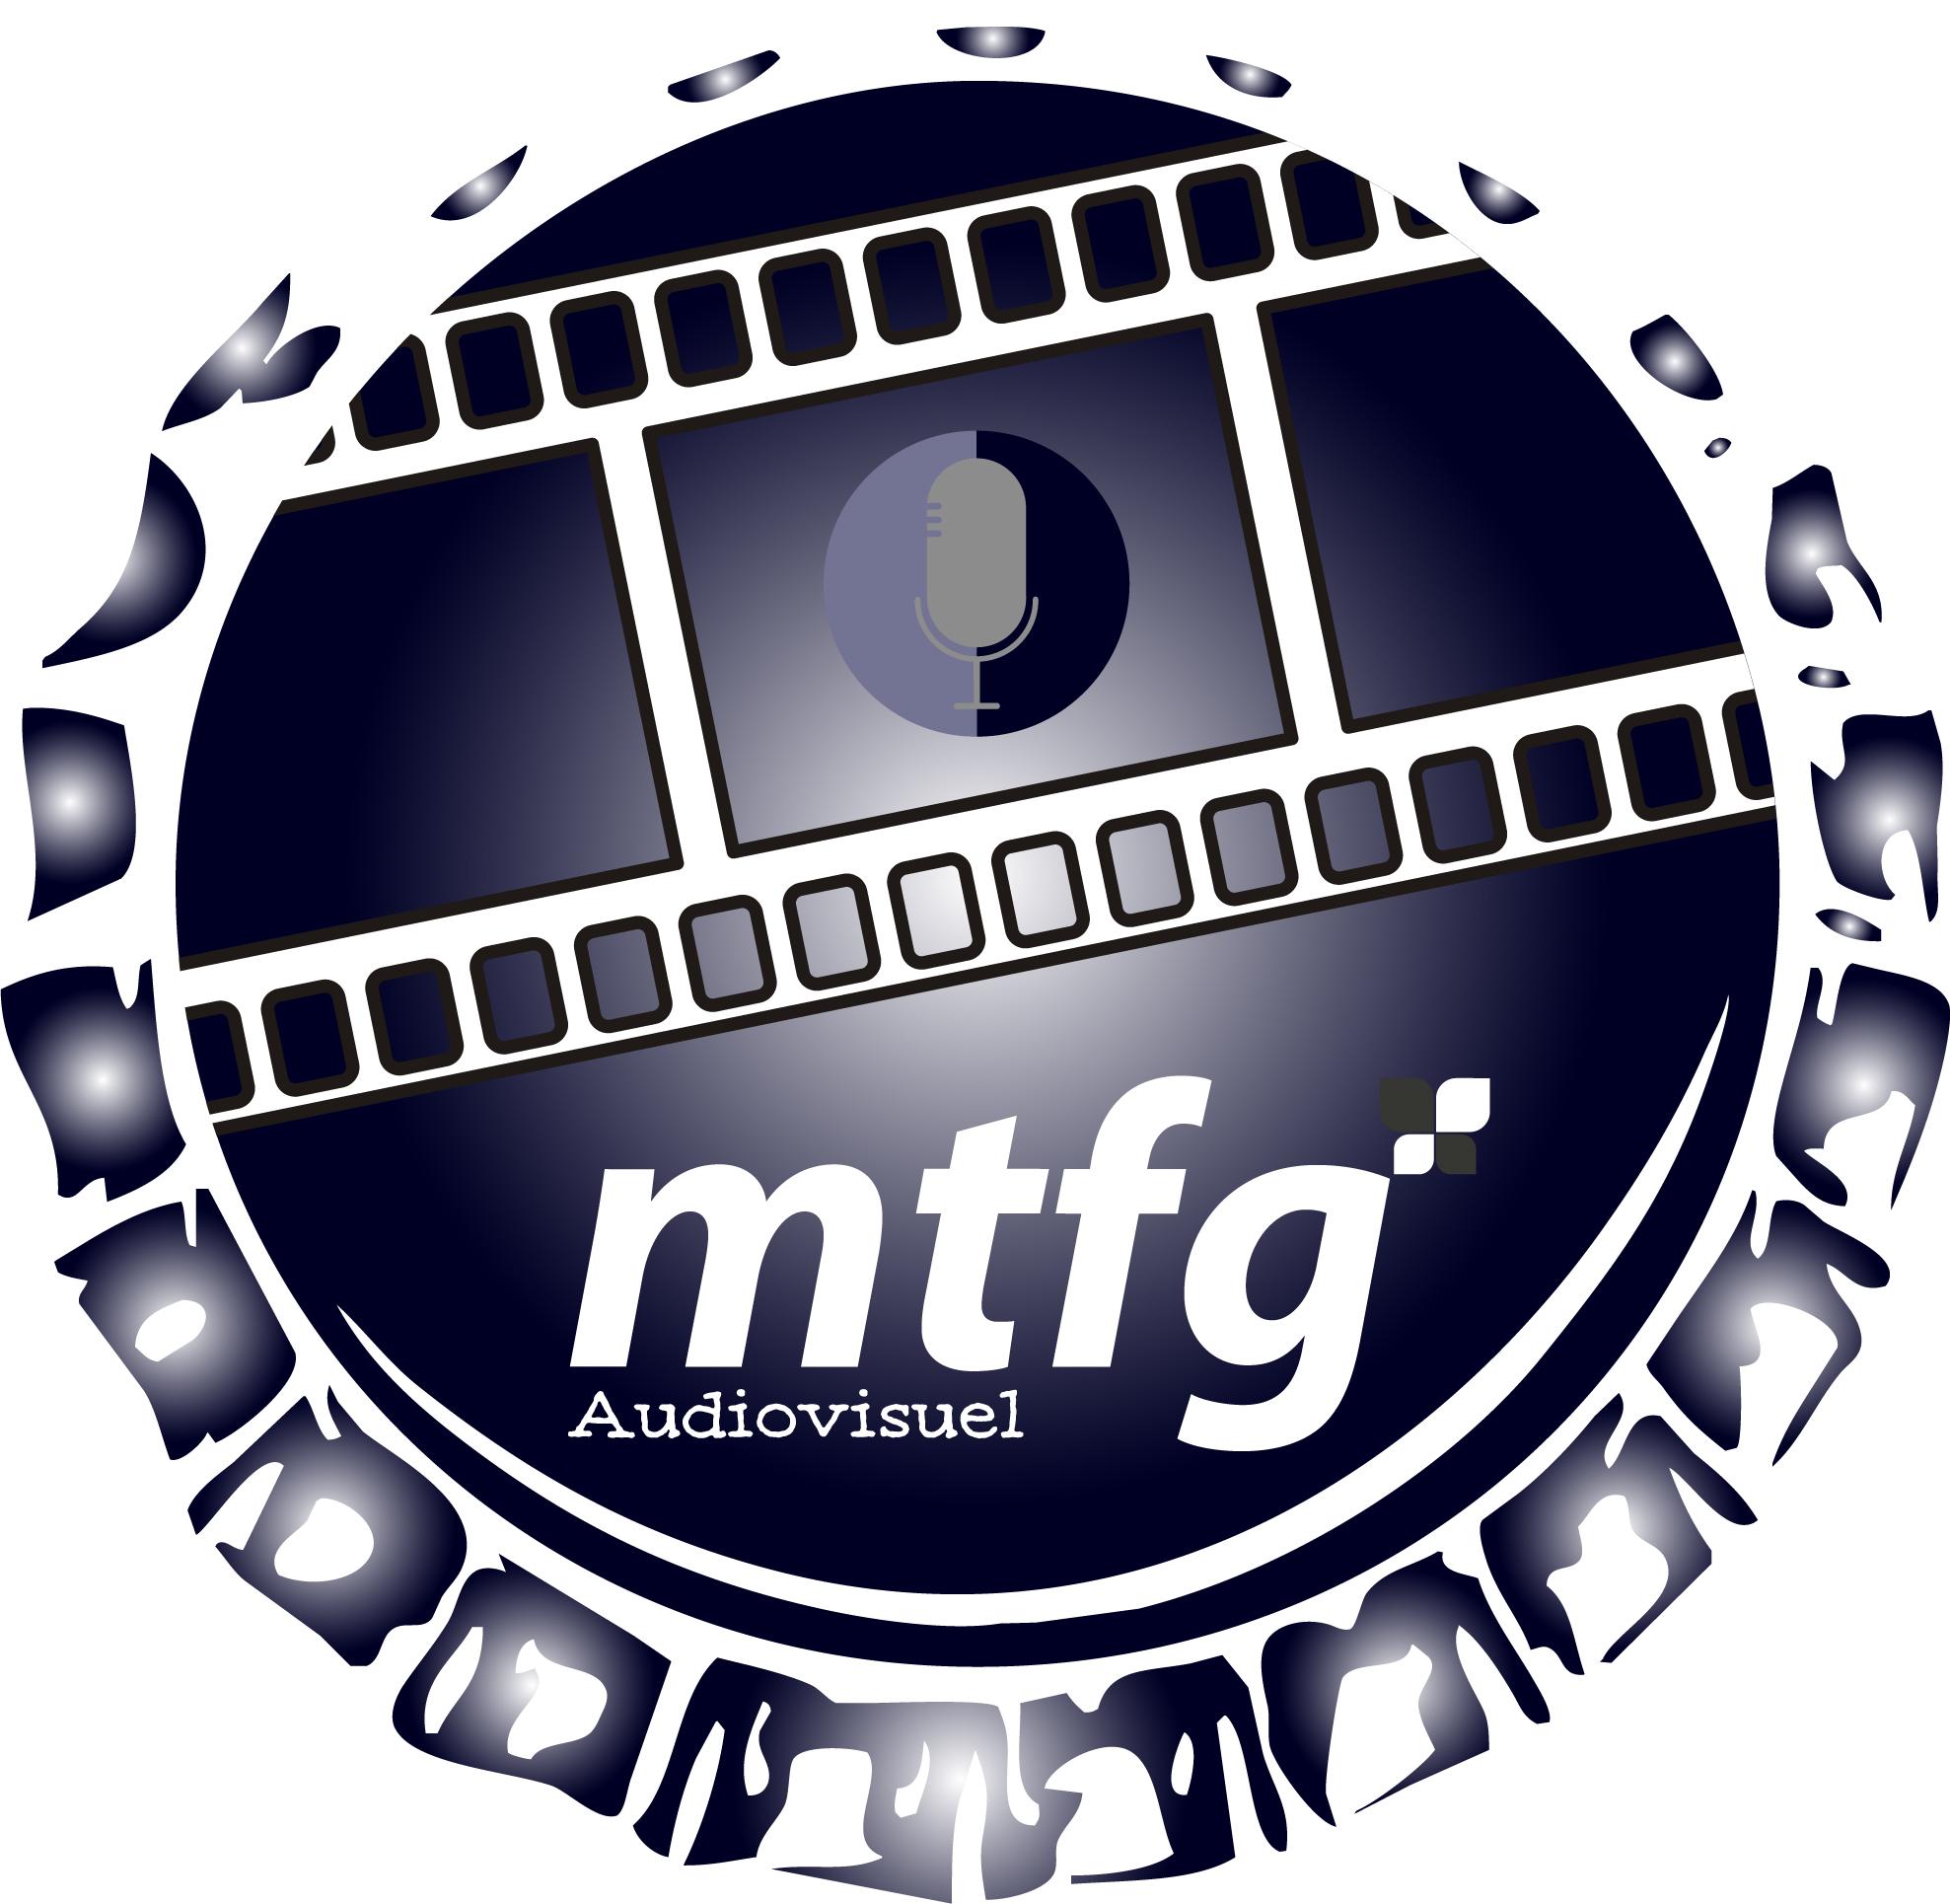 MTFG Audiovisuel